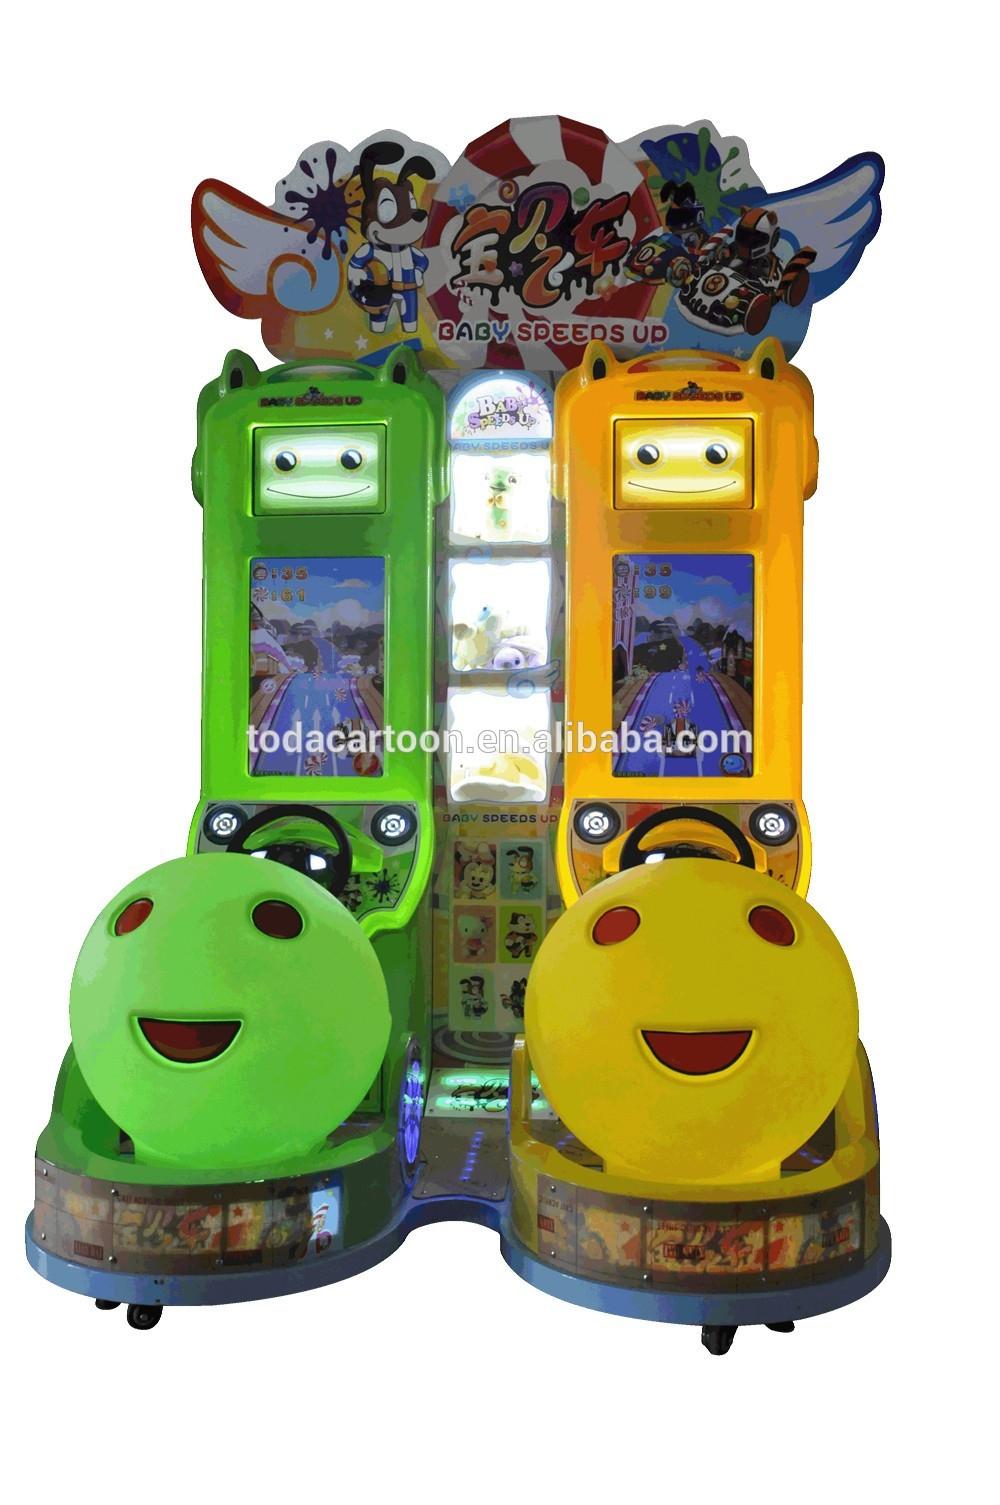 Toda Enfants Machine De Jeu Bébé Simulateur De Course D'arcade Gratuit  Jouer En Ligne Moteur Enfants Jeux De Voiture Pour Les Garçons Vente - Buy destiné Jeux Enfant Gratuit En Ligne